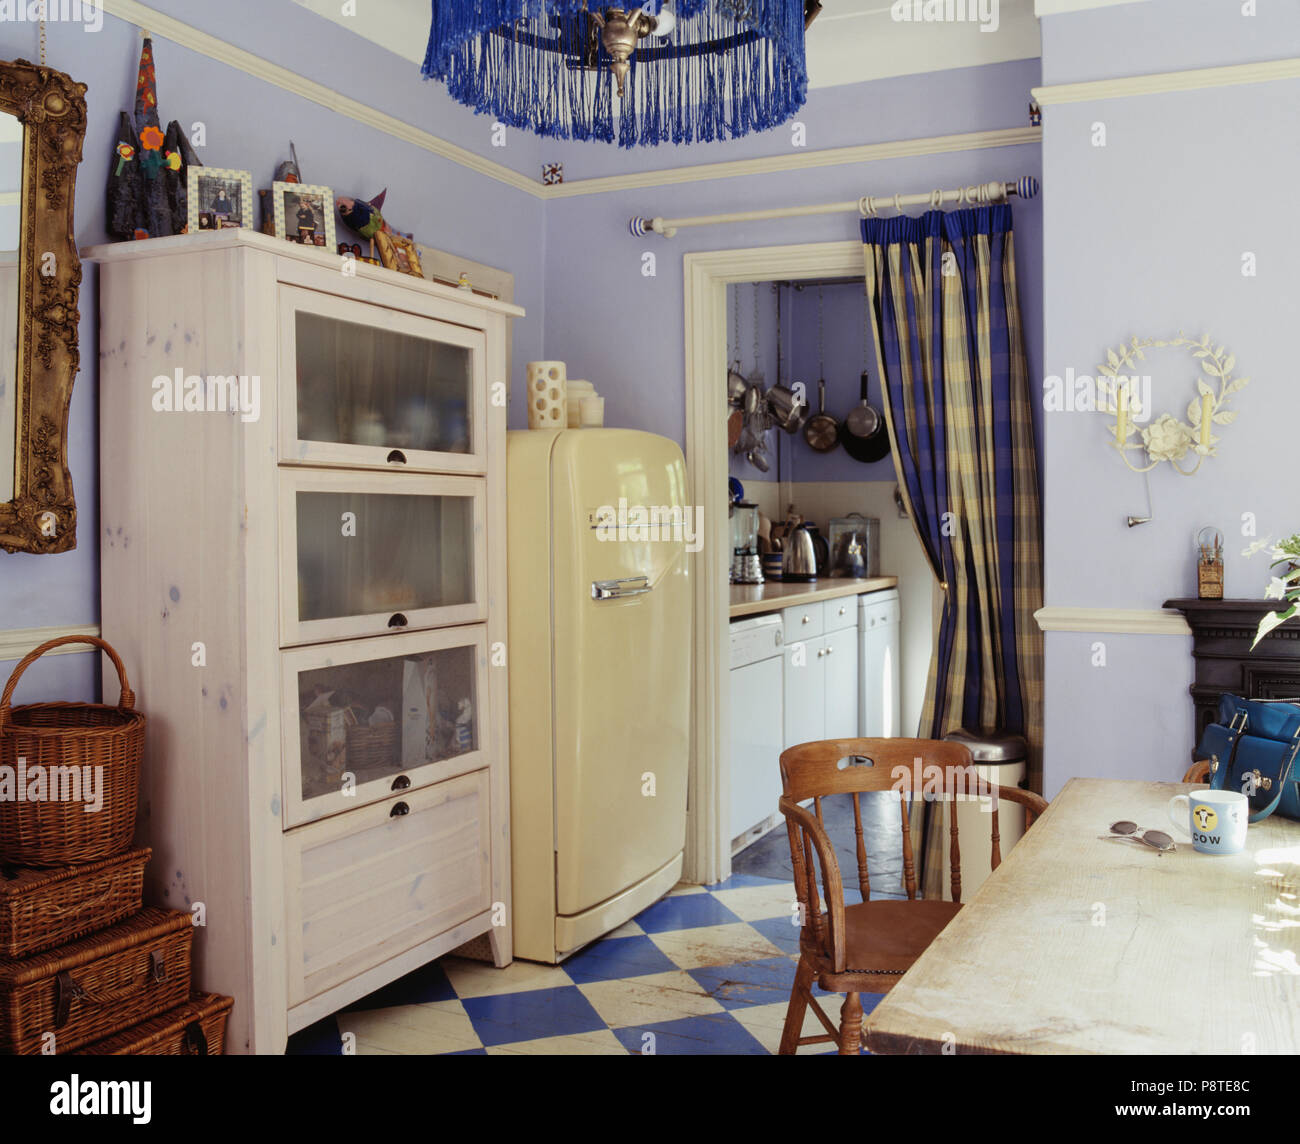 Weiss Mit Glasfront Schrank Und Grosse Creme Kuhlschrank In Pastell